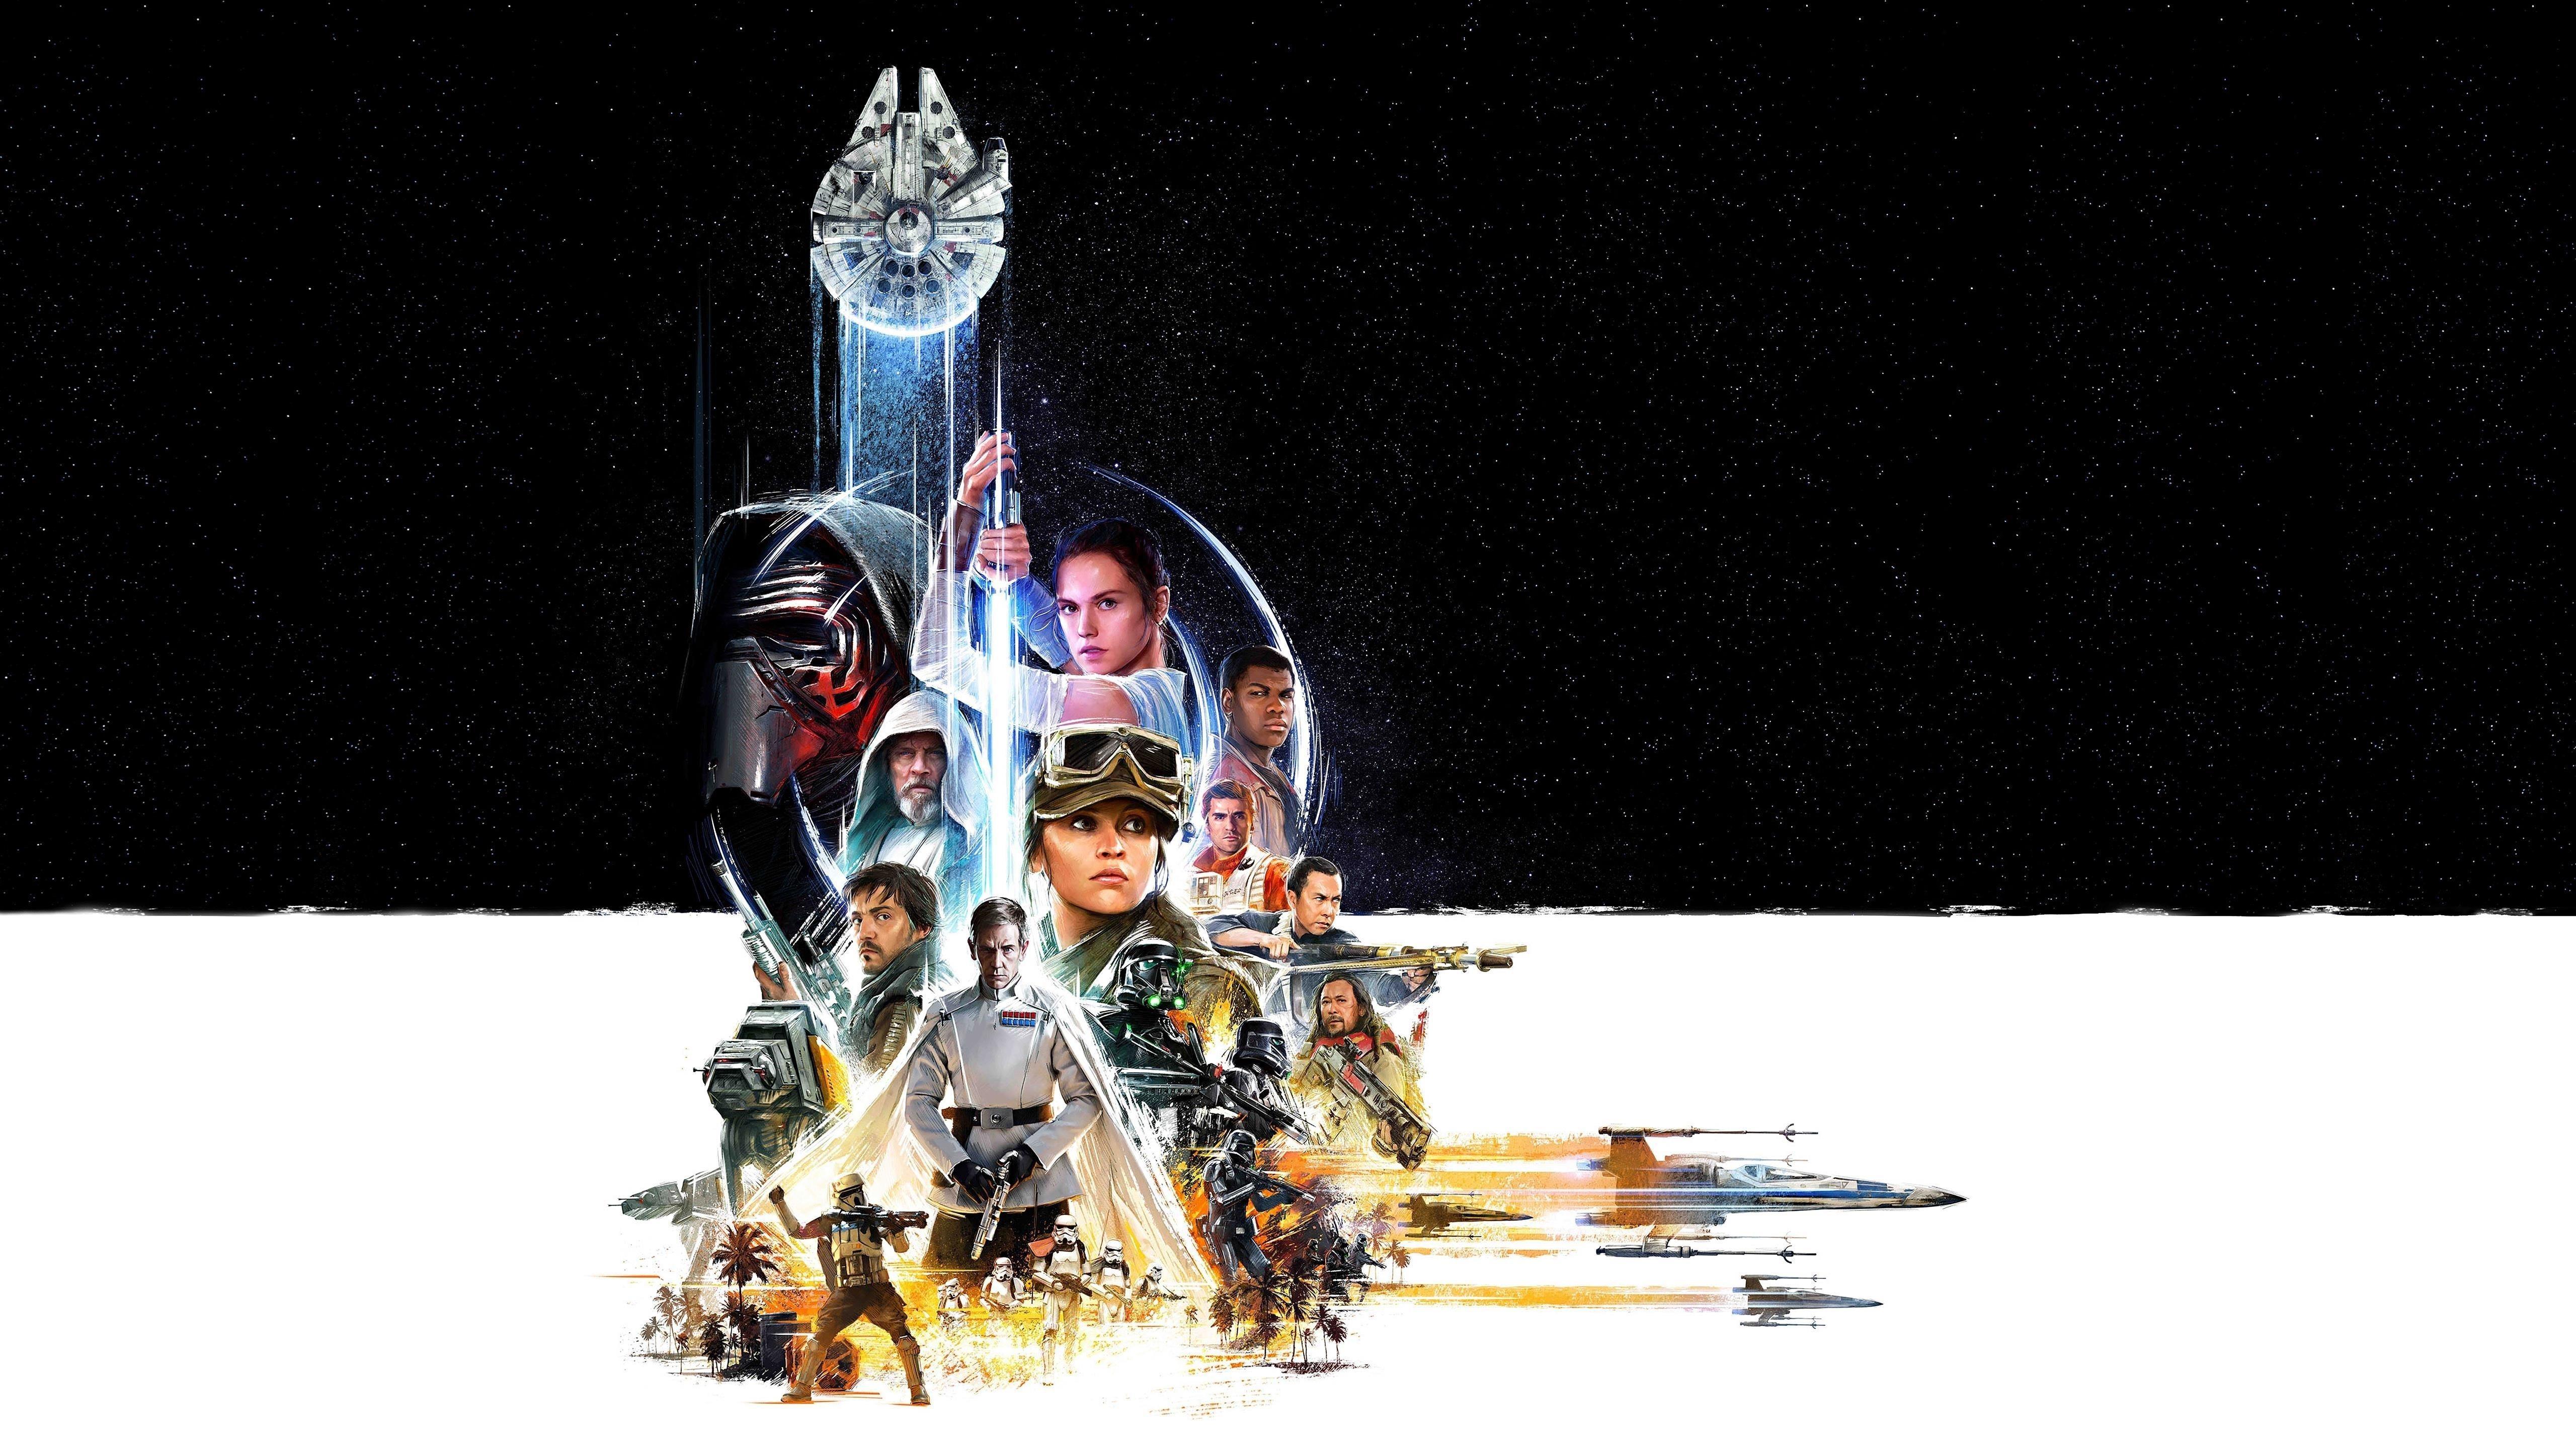 Празднование Звездных войн обои скачать